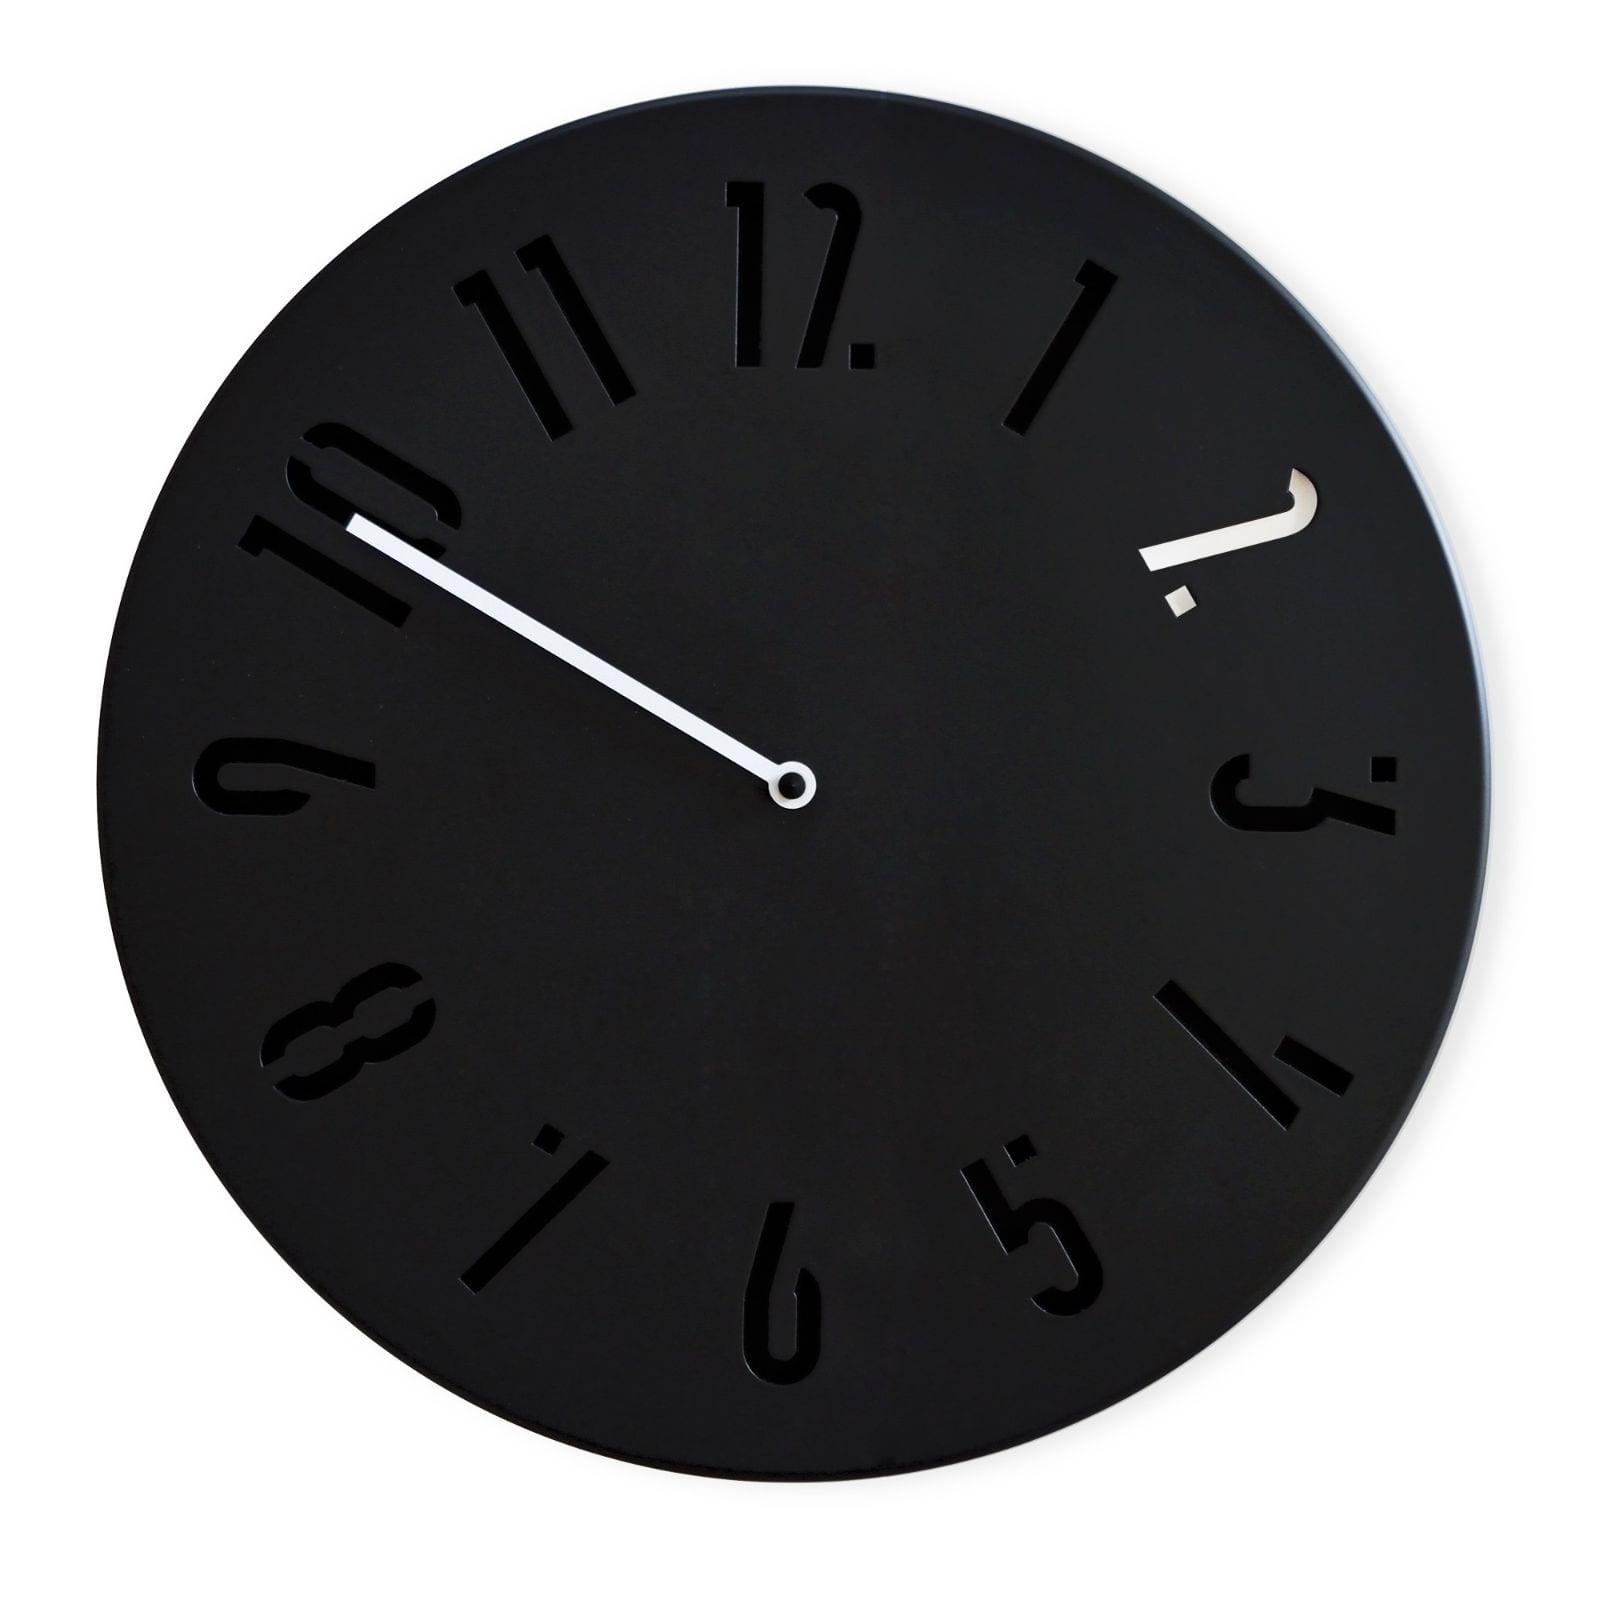 Ρολόι Τοίχου MiCLOCK (Μαύρο / Λευκό) - Sabrina Fossi Design